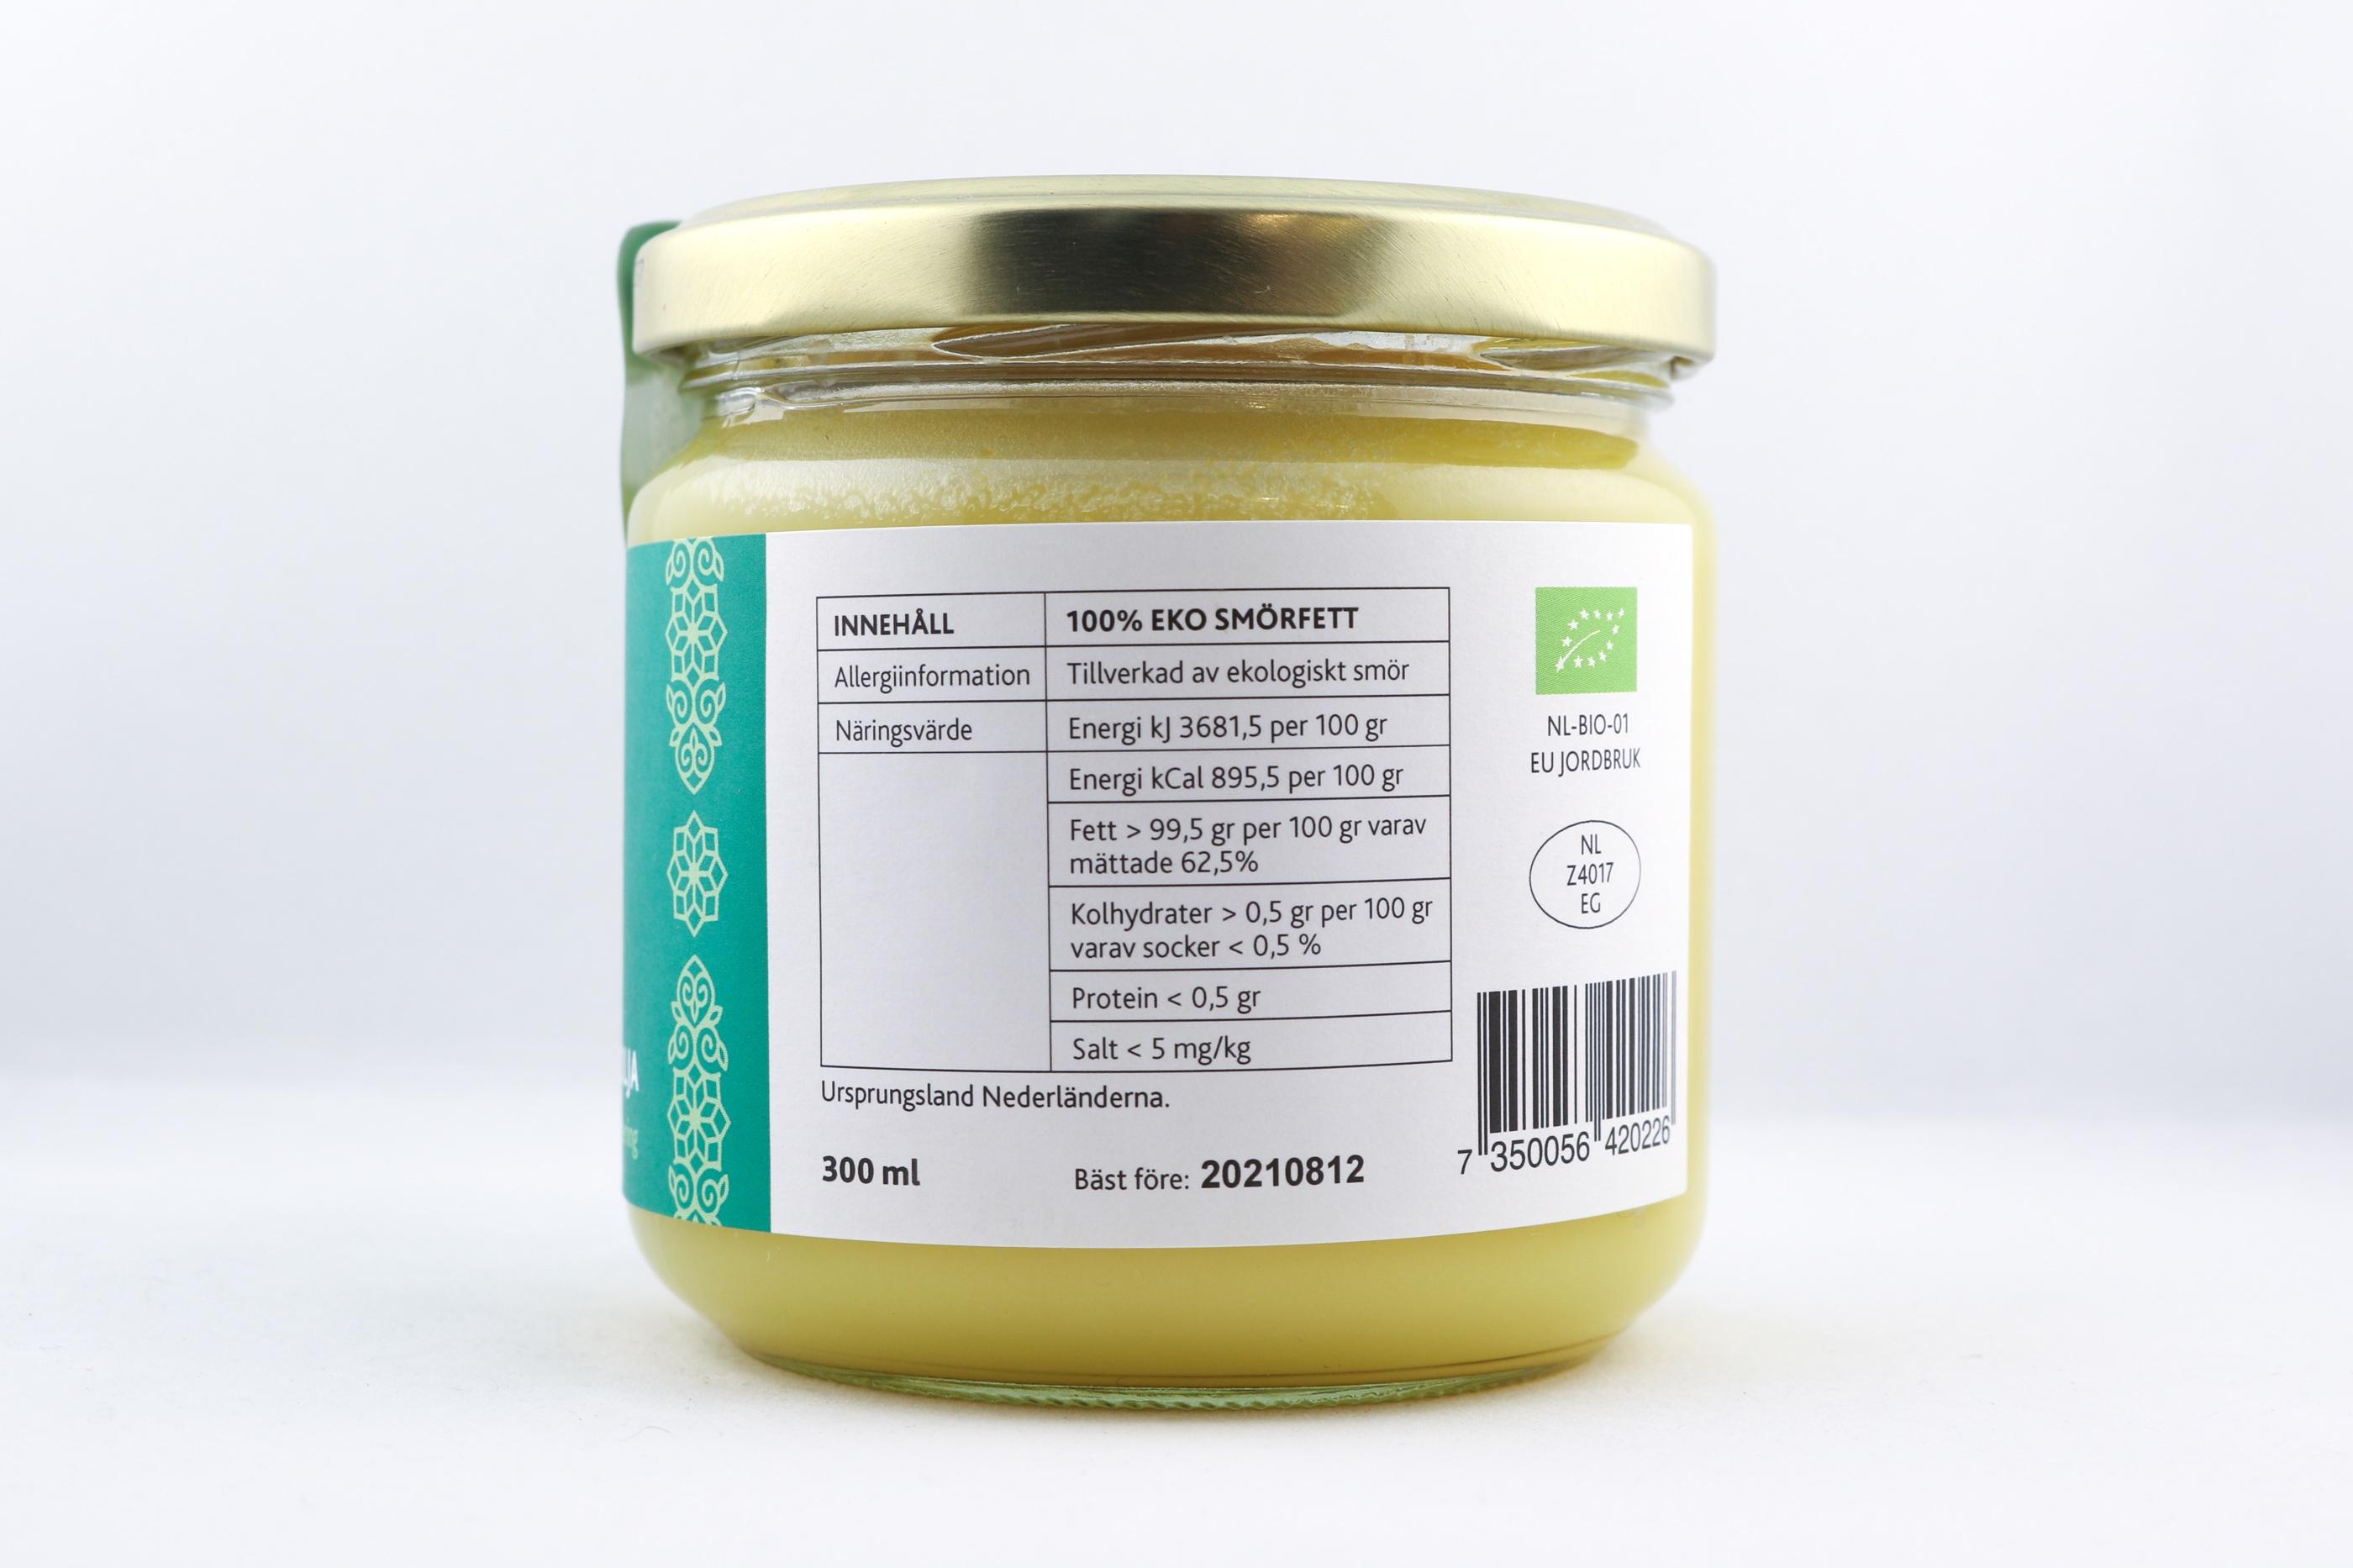 Ghee Ghi G Wellness Ayurveda Halmstadmassören Halmstad Sverige Sweden svensk mat olja smör lösvikt eko ekologiskt